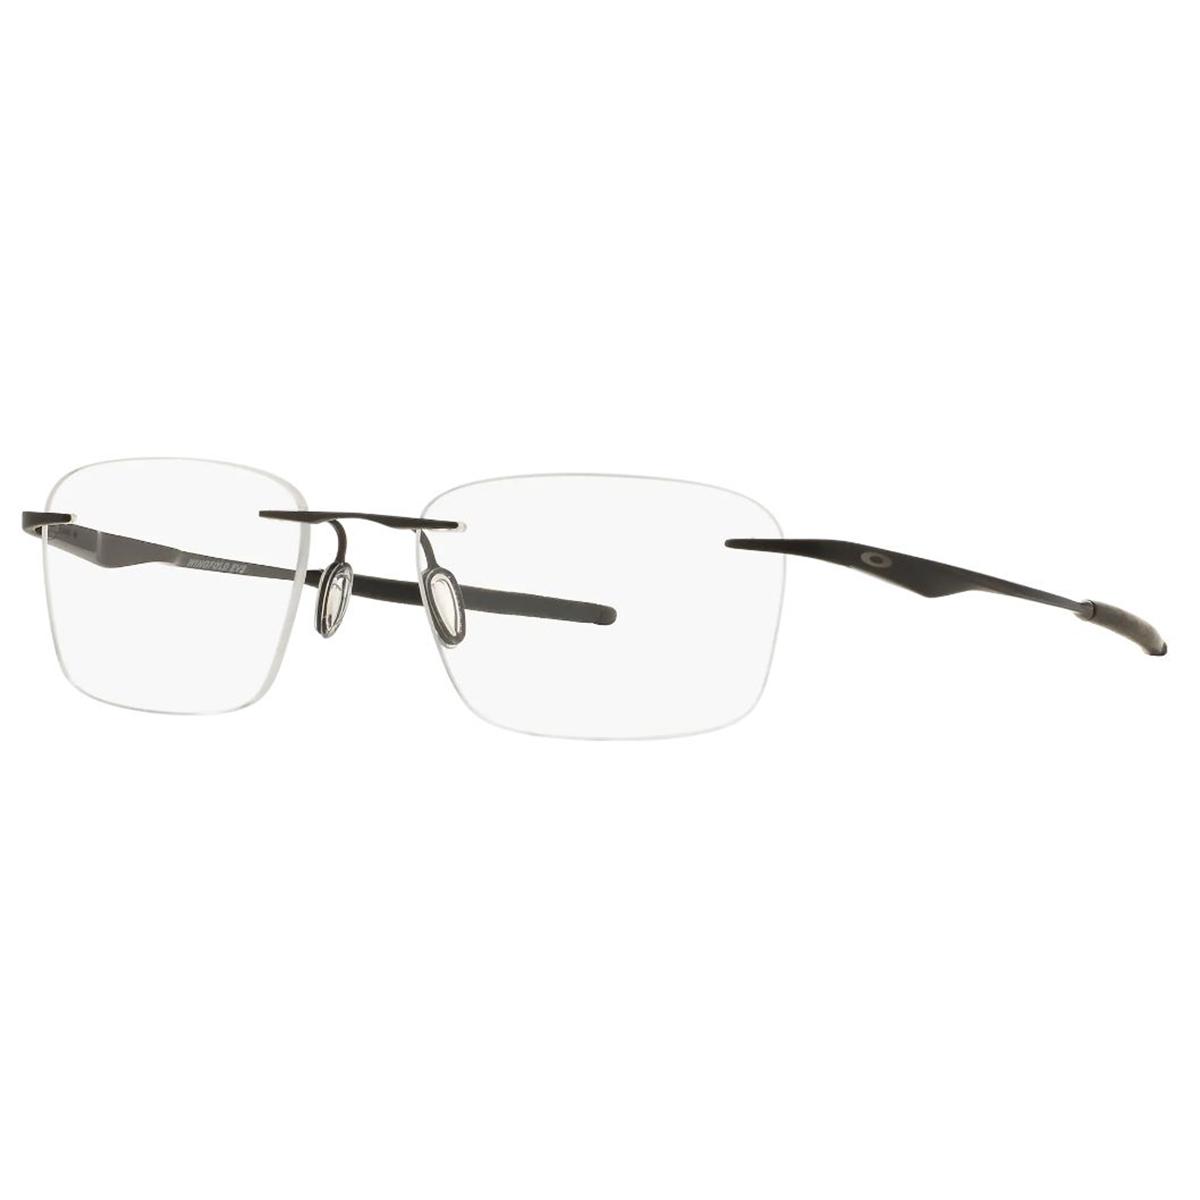 Óculos Parafusado Oakley Wingfold EVS OX5115 Titanium Preto Fosco